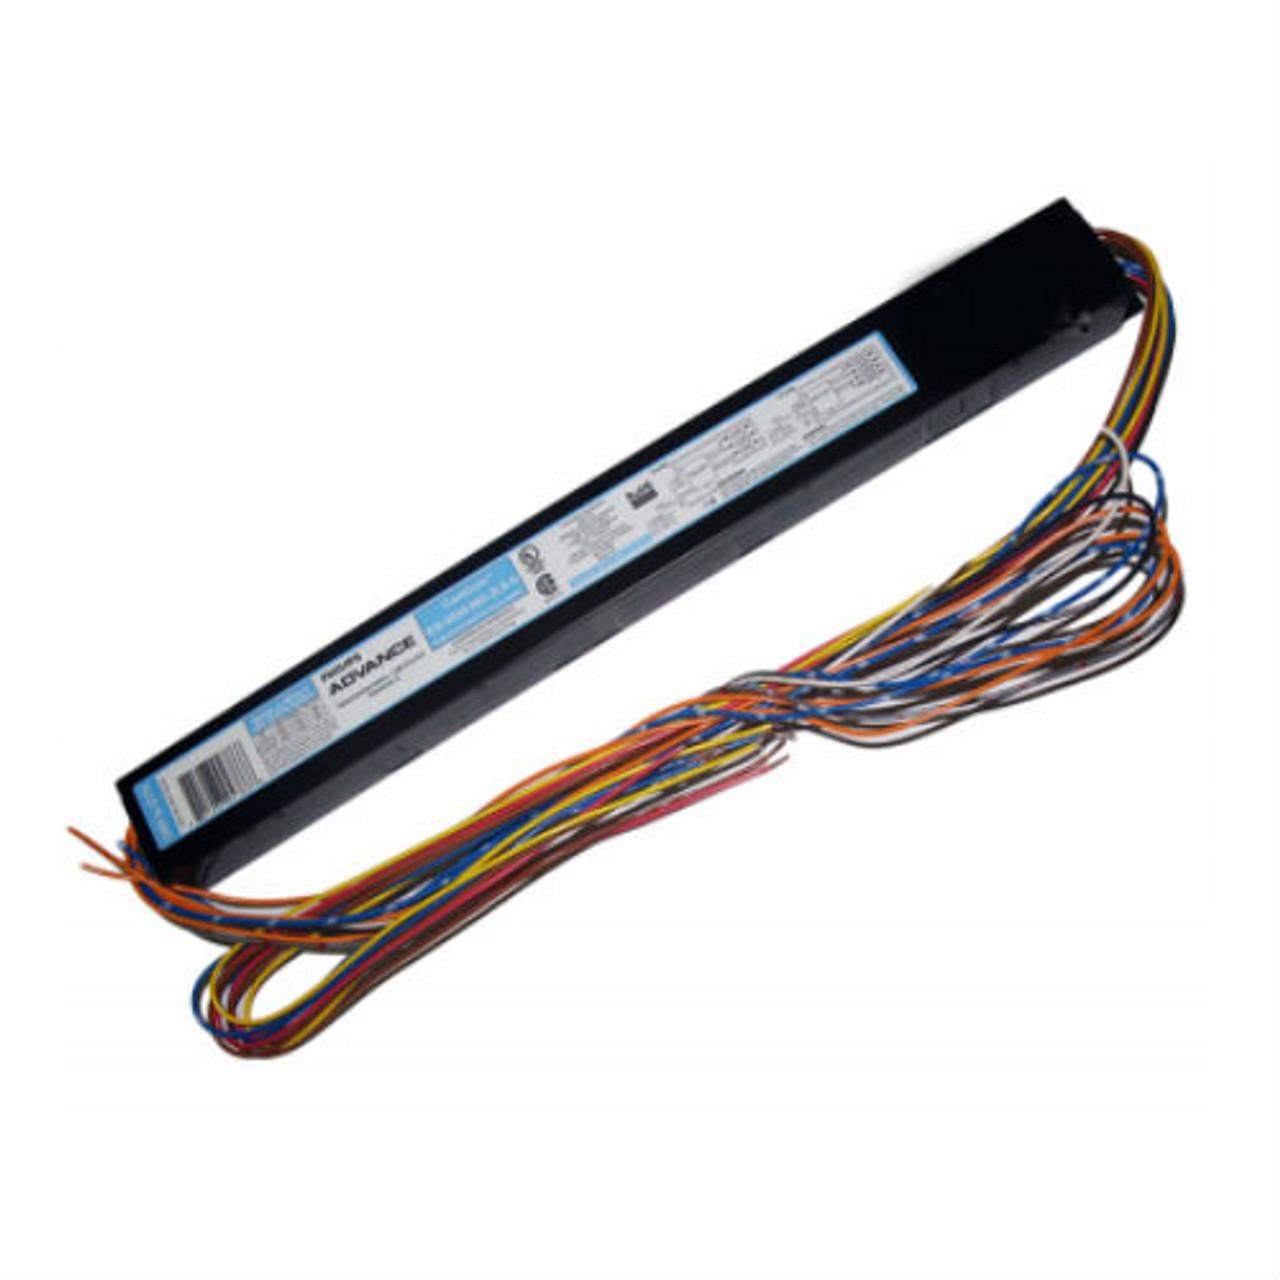 Philips Ballast Centium ICN-4S54-90C-2LS-G